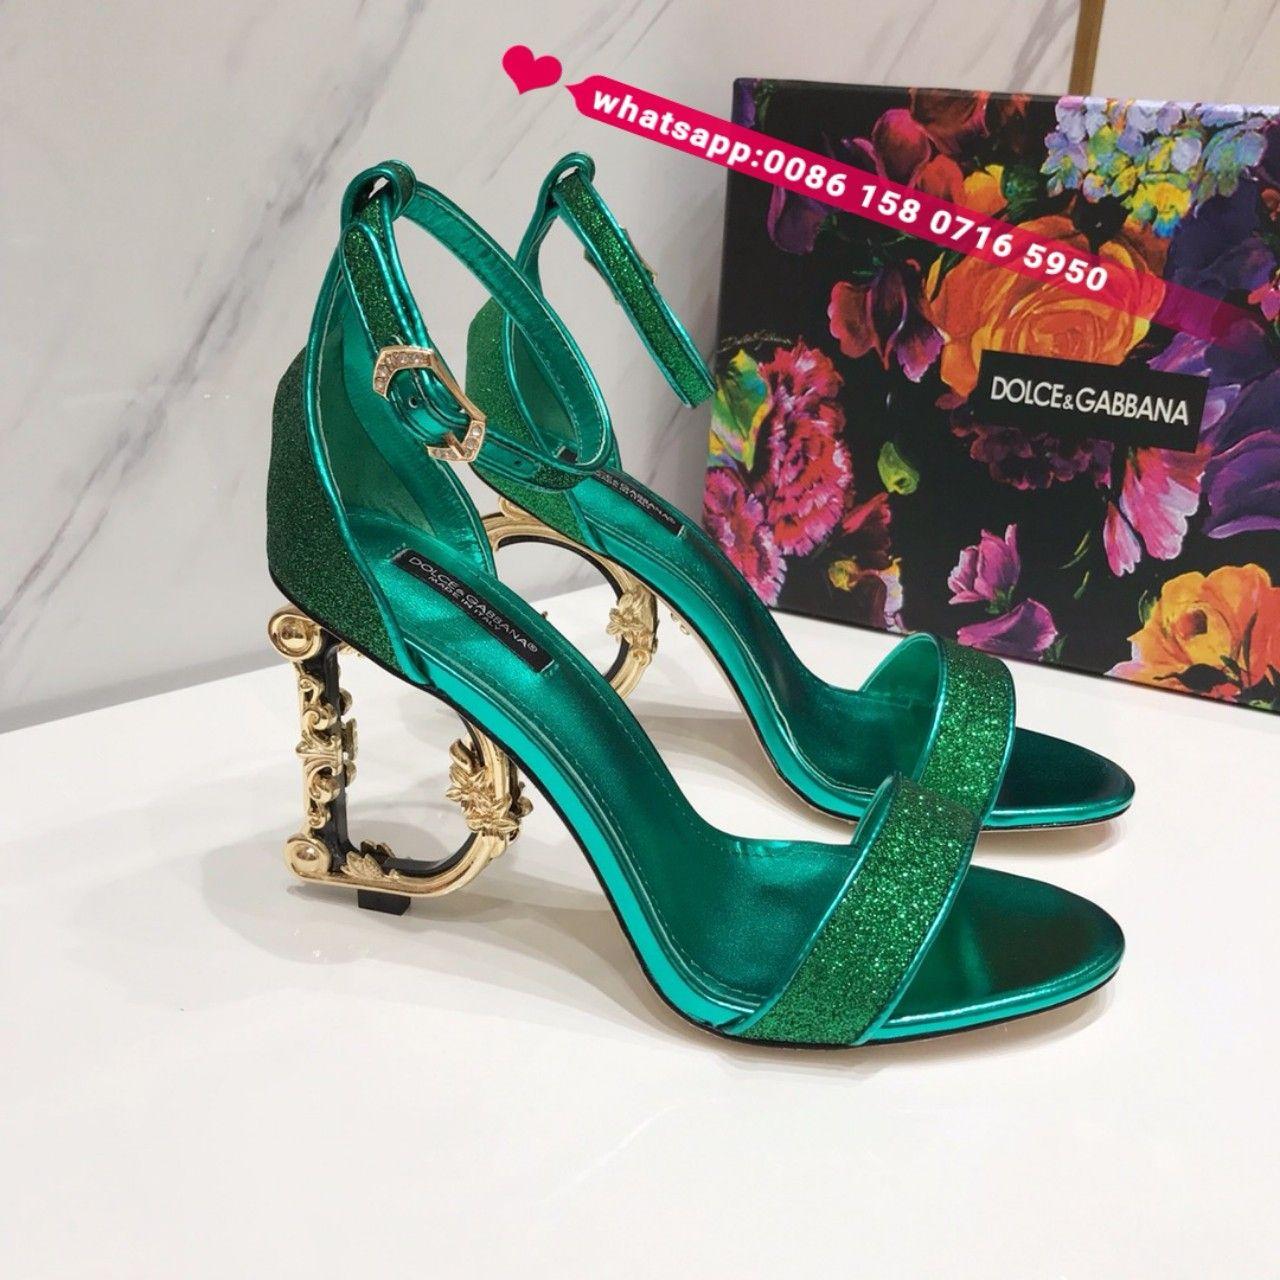 Dolce&gabbana high heels sandals shoes Heels, High heels